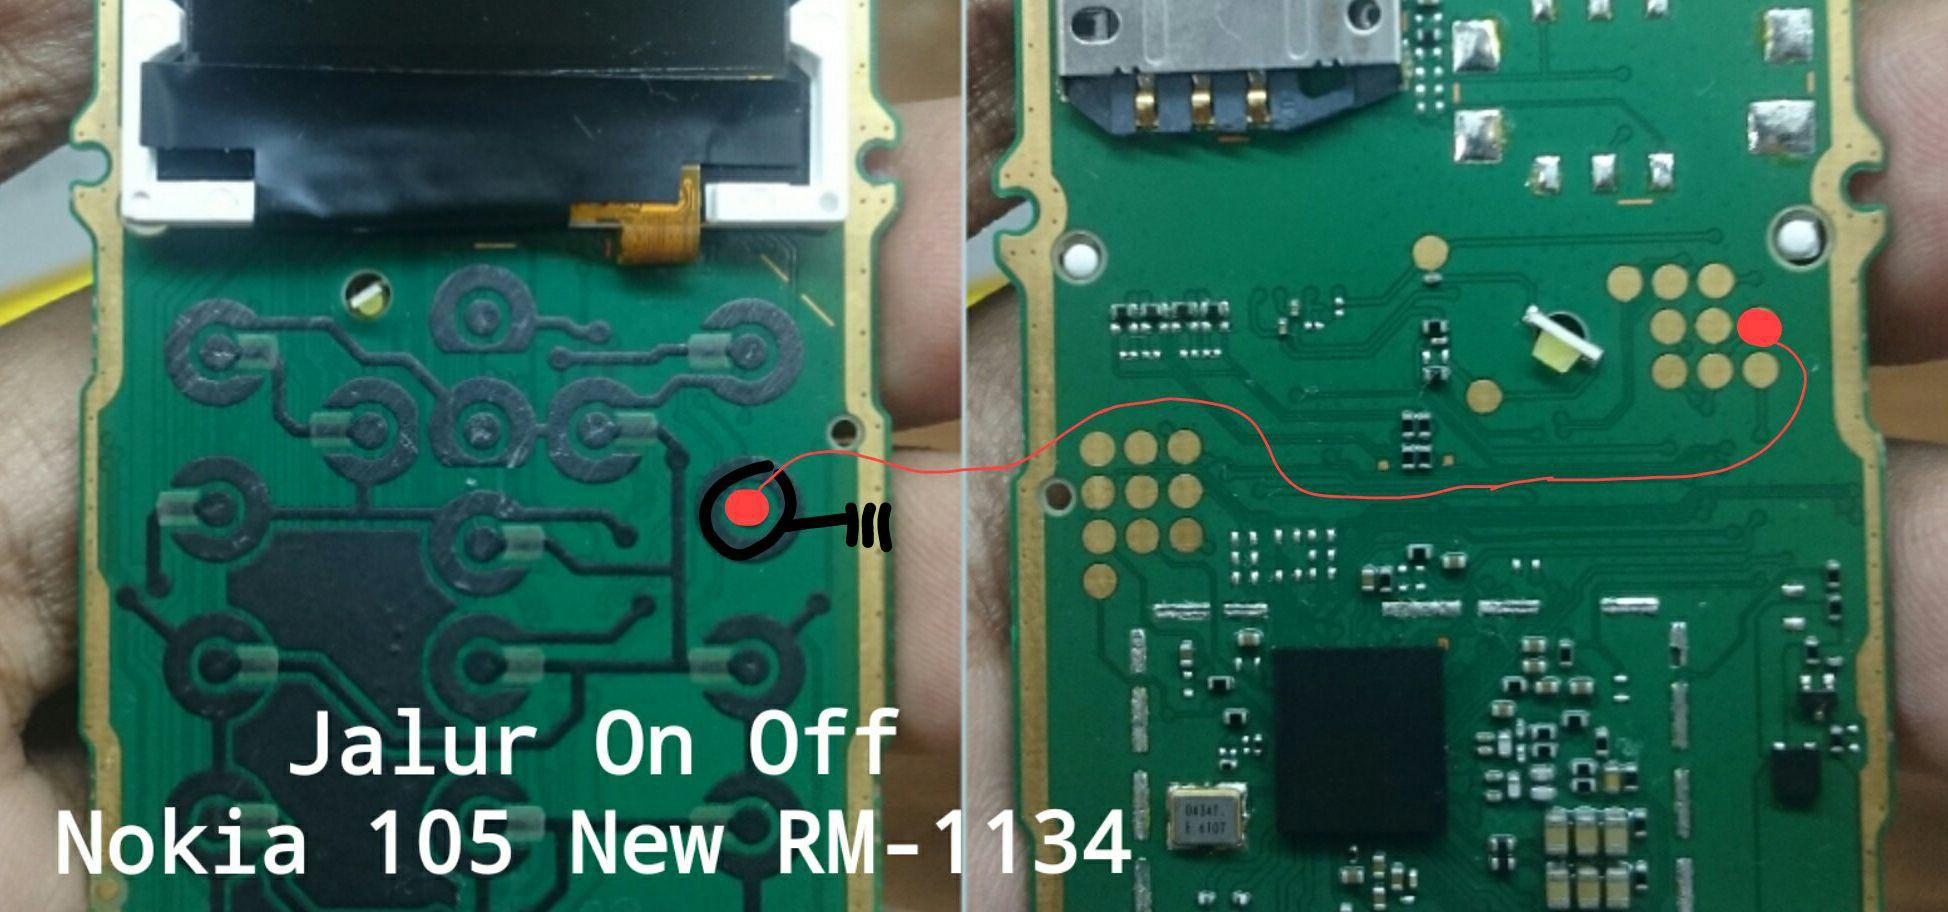 Nokia 105 Power Button Solution Jumper Ways Power button